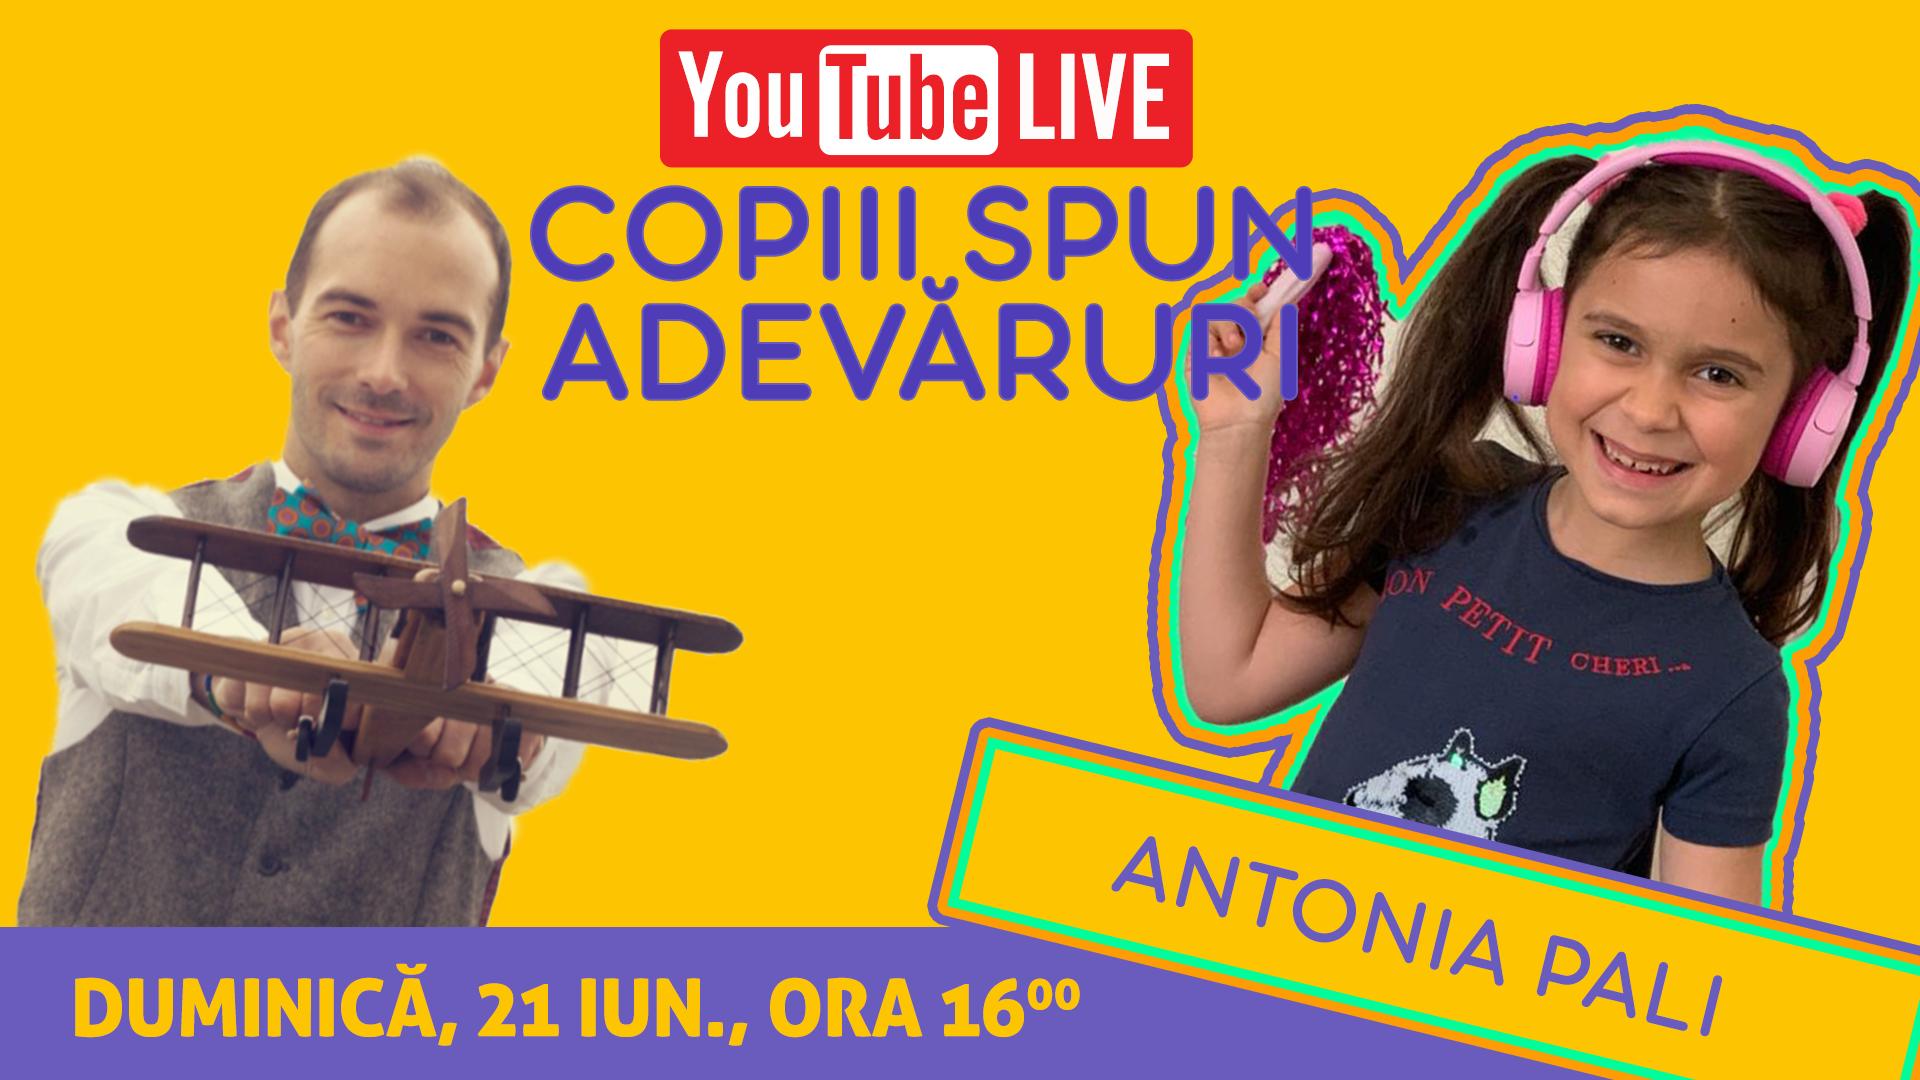 Copiii Spun Adevăruri | Invitată Antonia Pali | YouTube LIVE